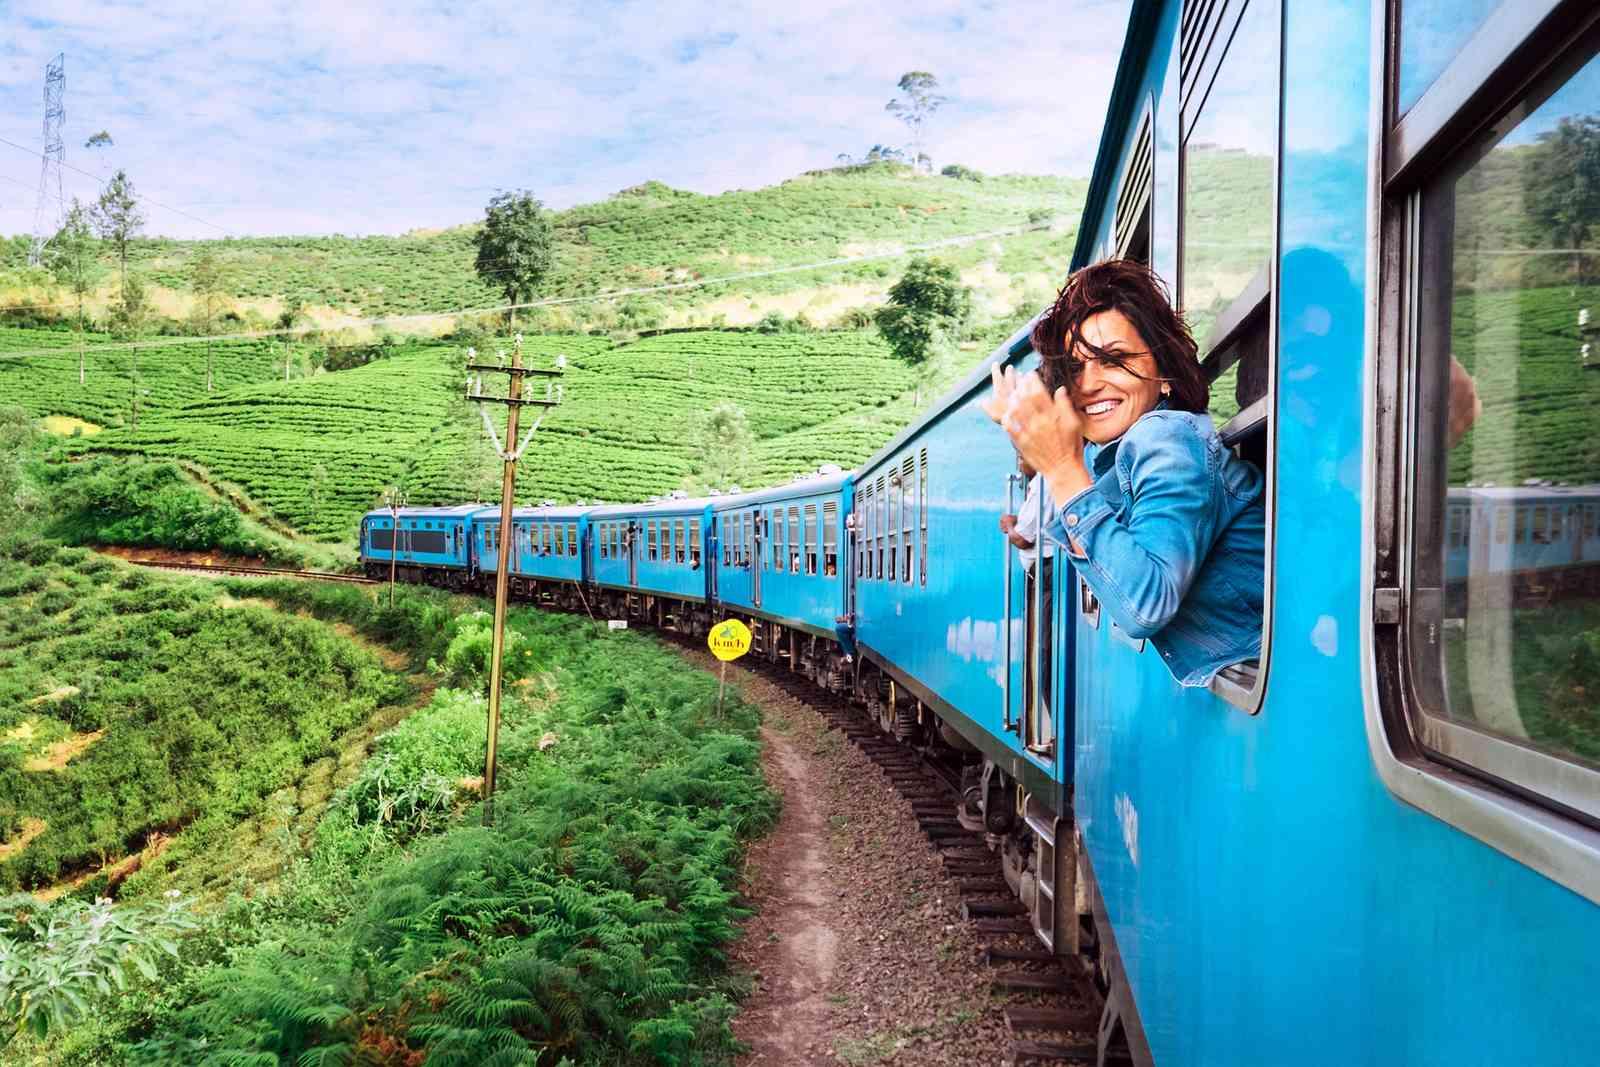 A woman on a train in Sri Lanka (Shutterstock)